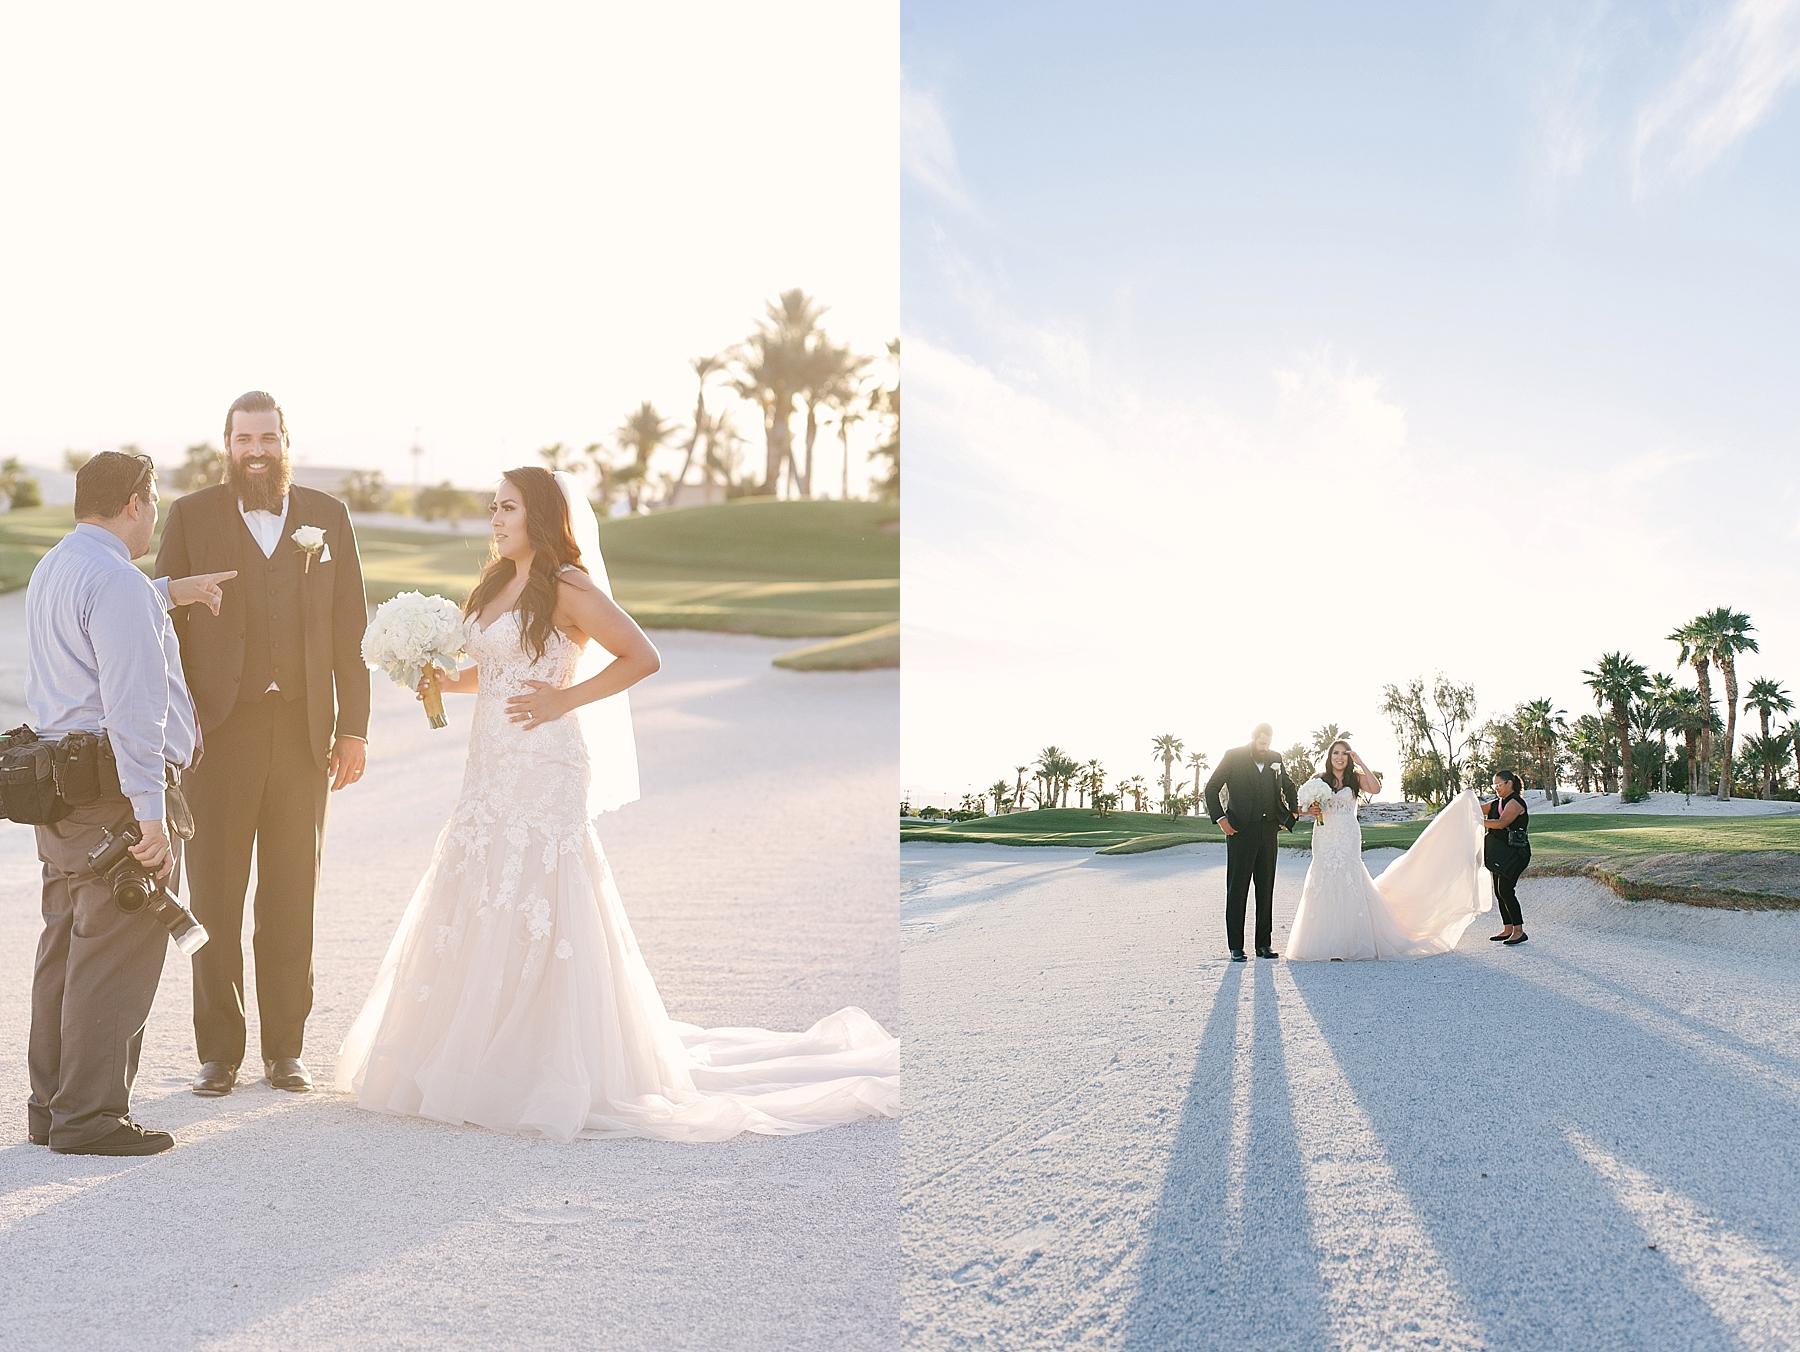 las_vegas_wedding_photographers_behind_the_scenes-05-4.jpg